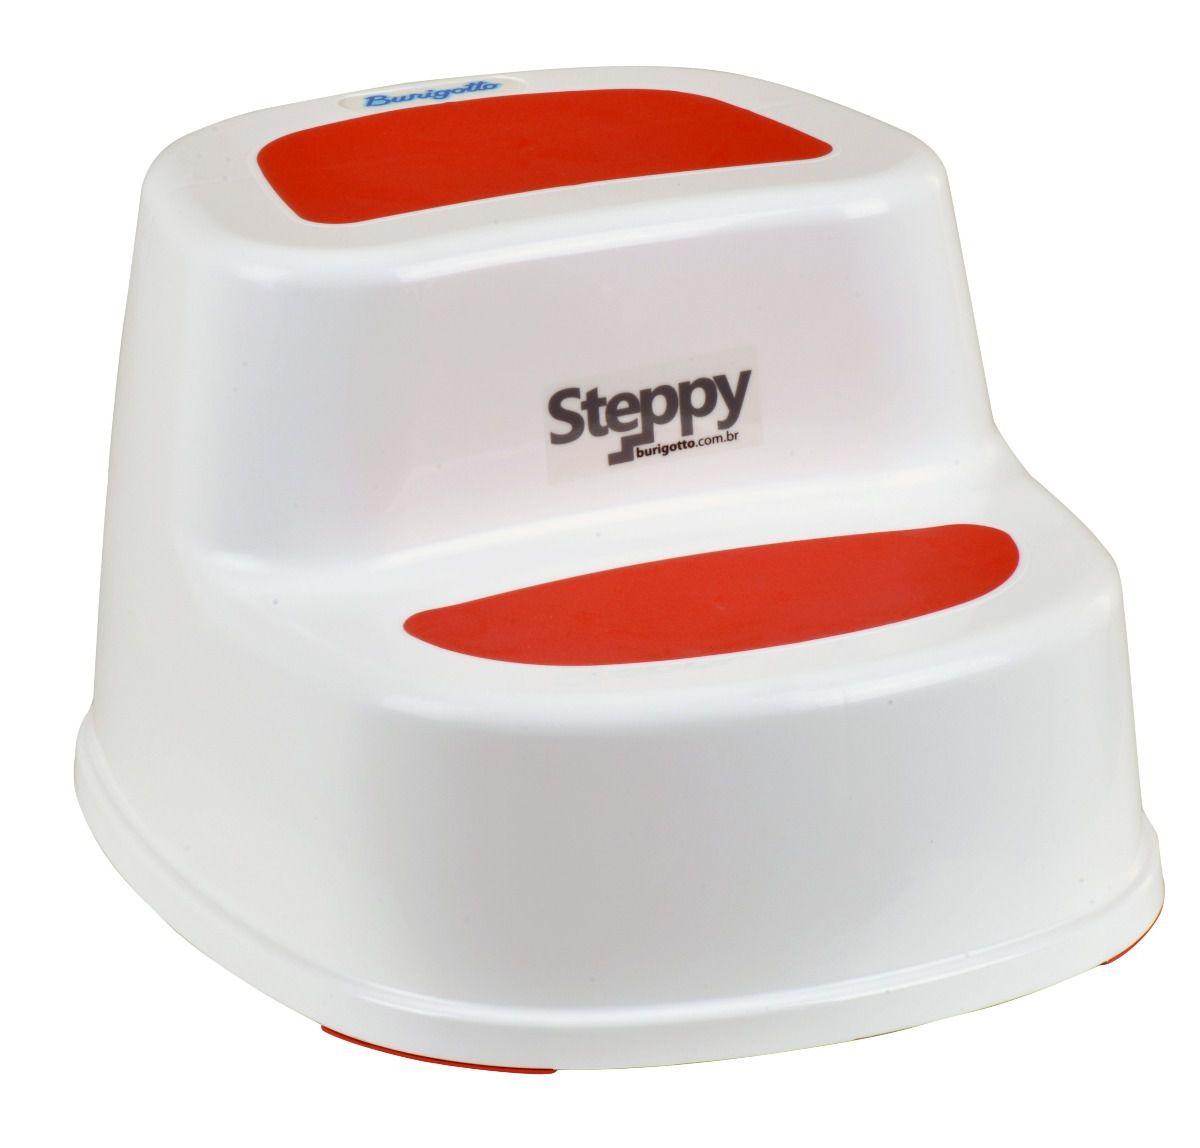 Degrau Steppy Vermelho - Burigotto